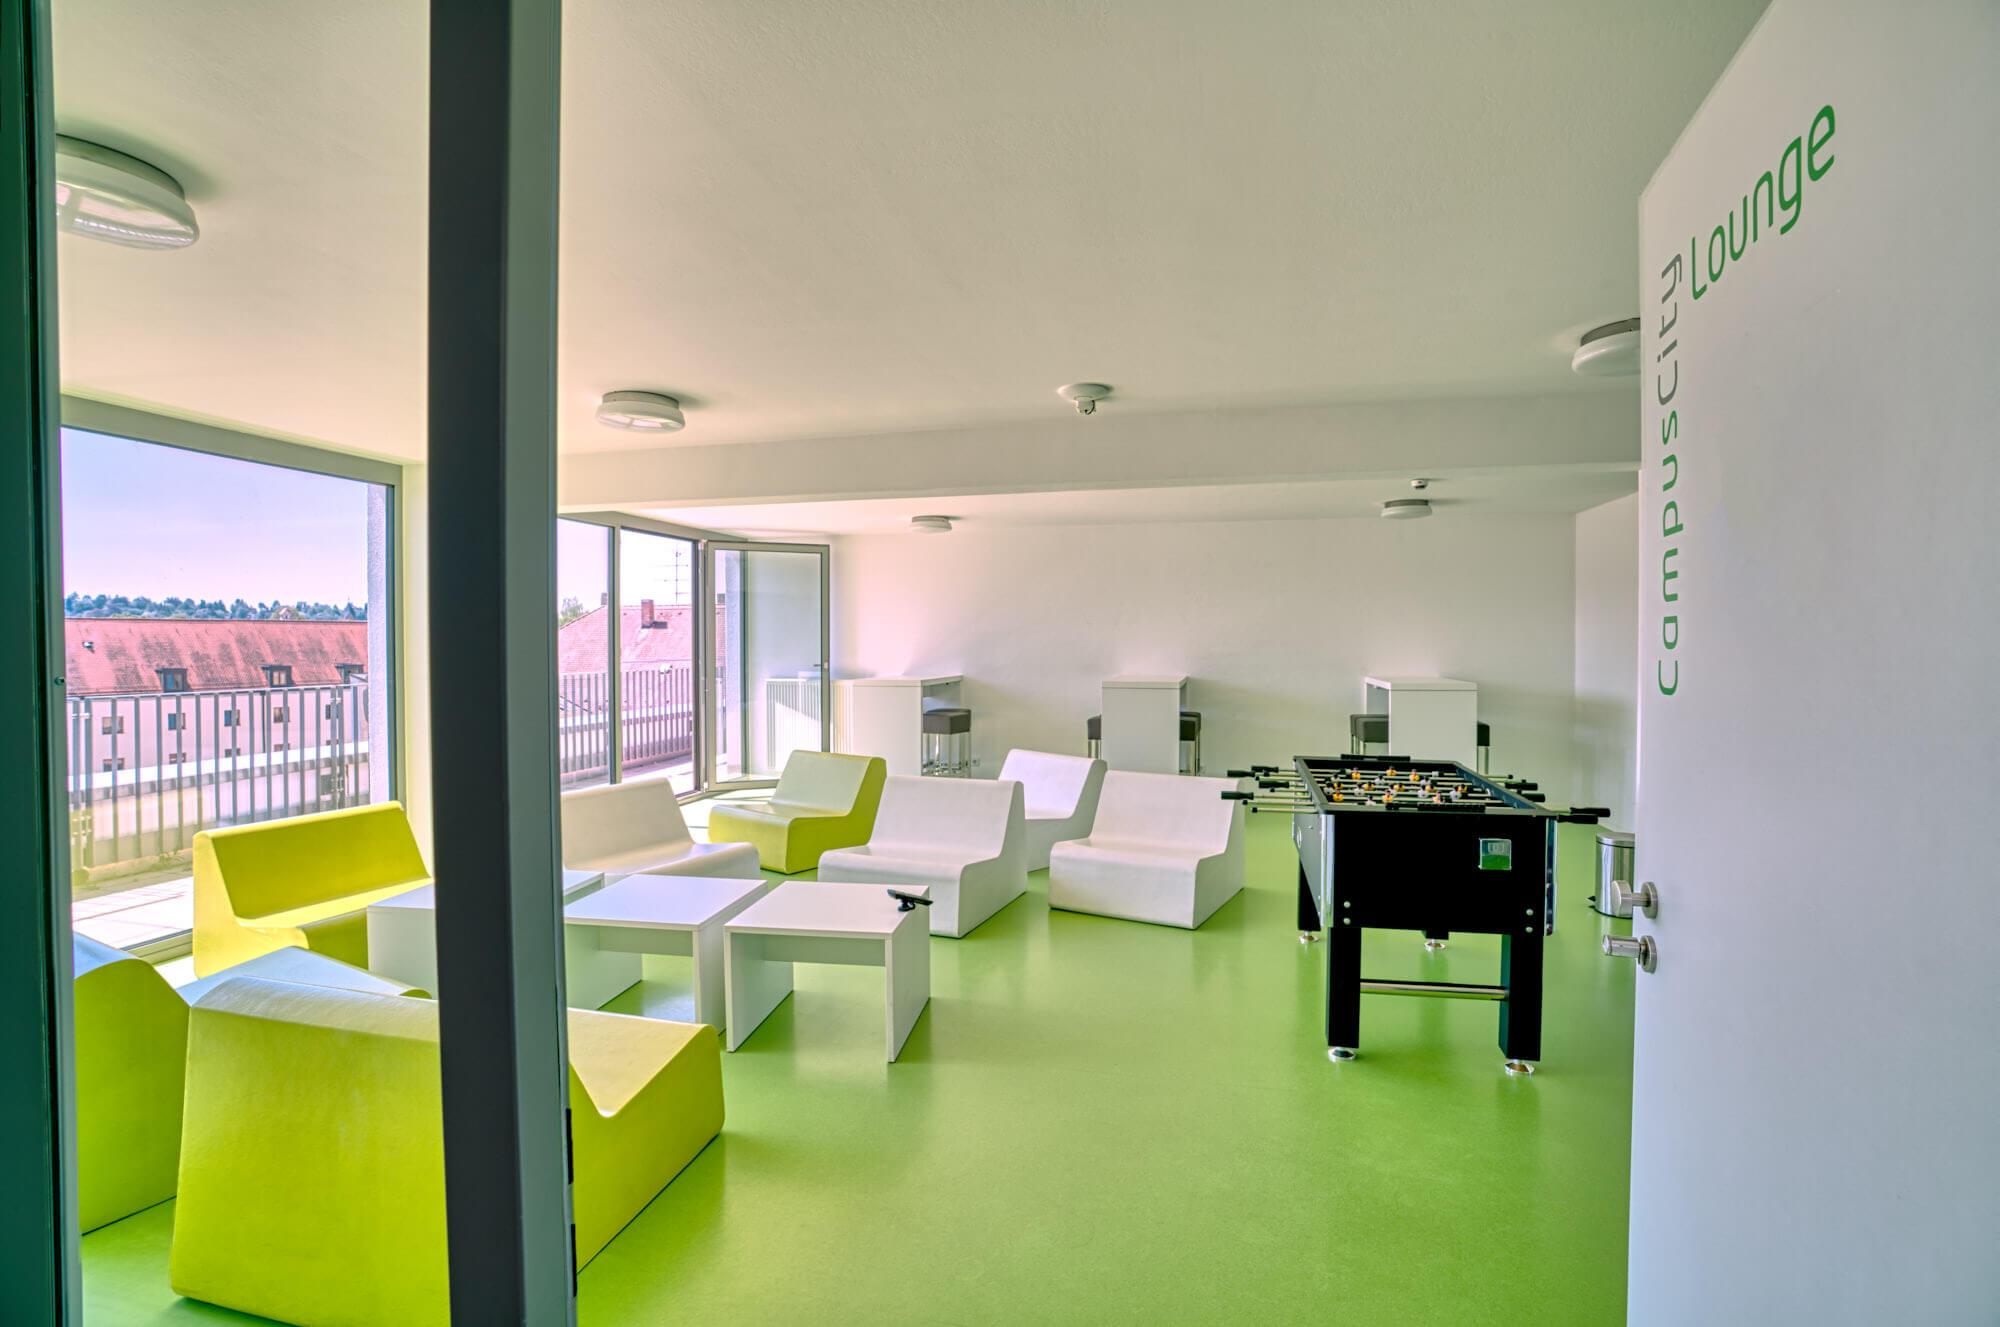 CampusCity, Studentenapartment in Landshut, Studentenwohnheim